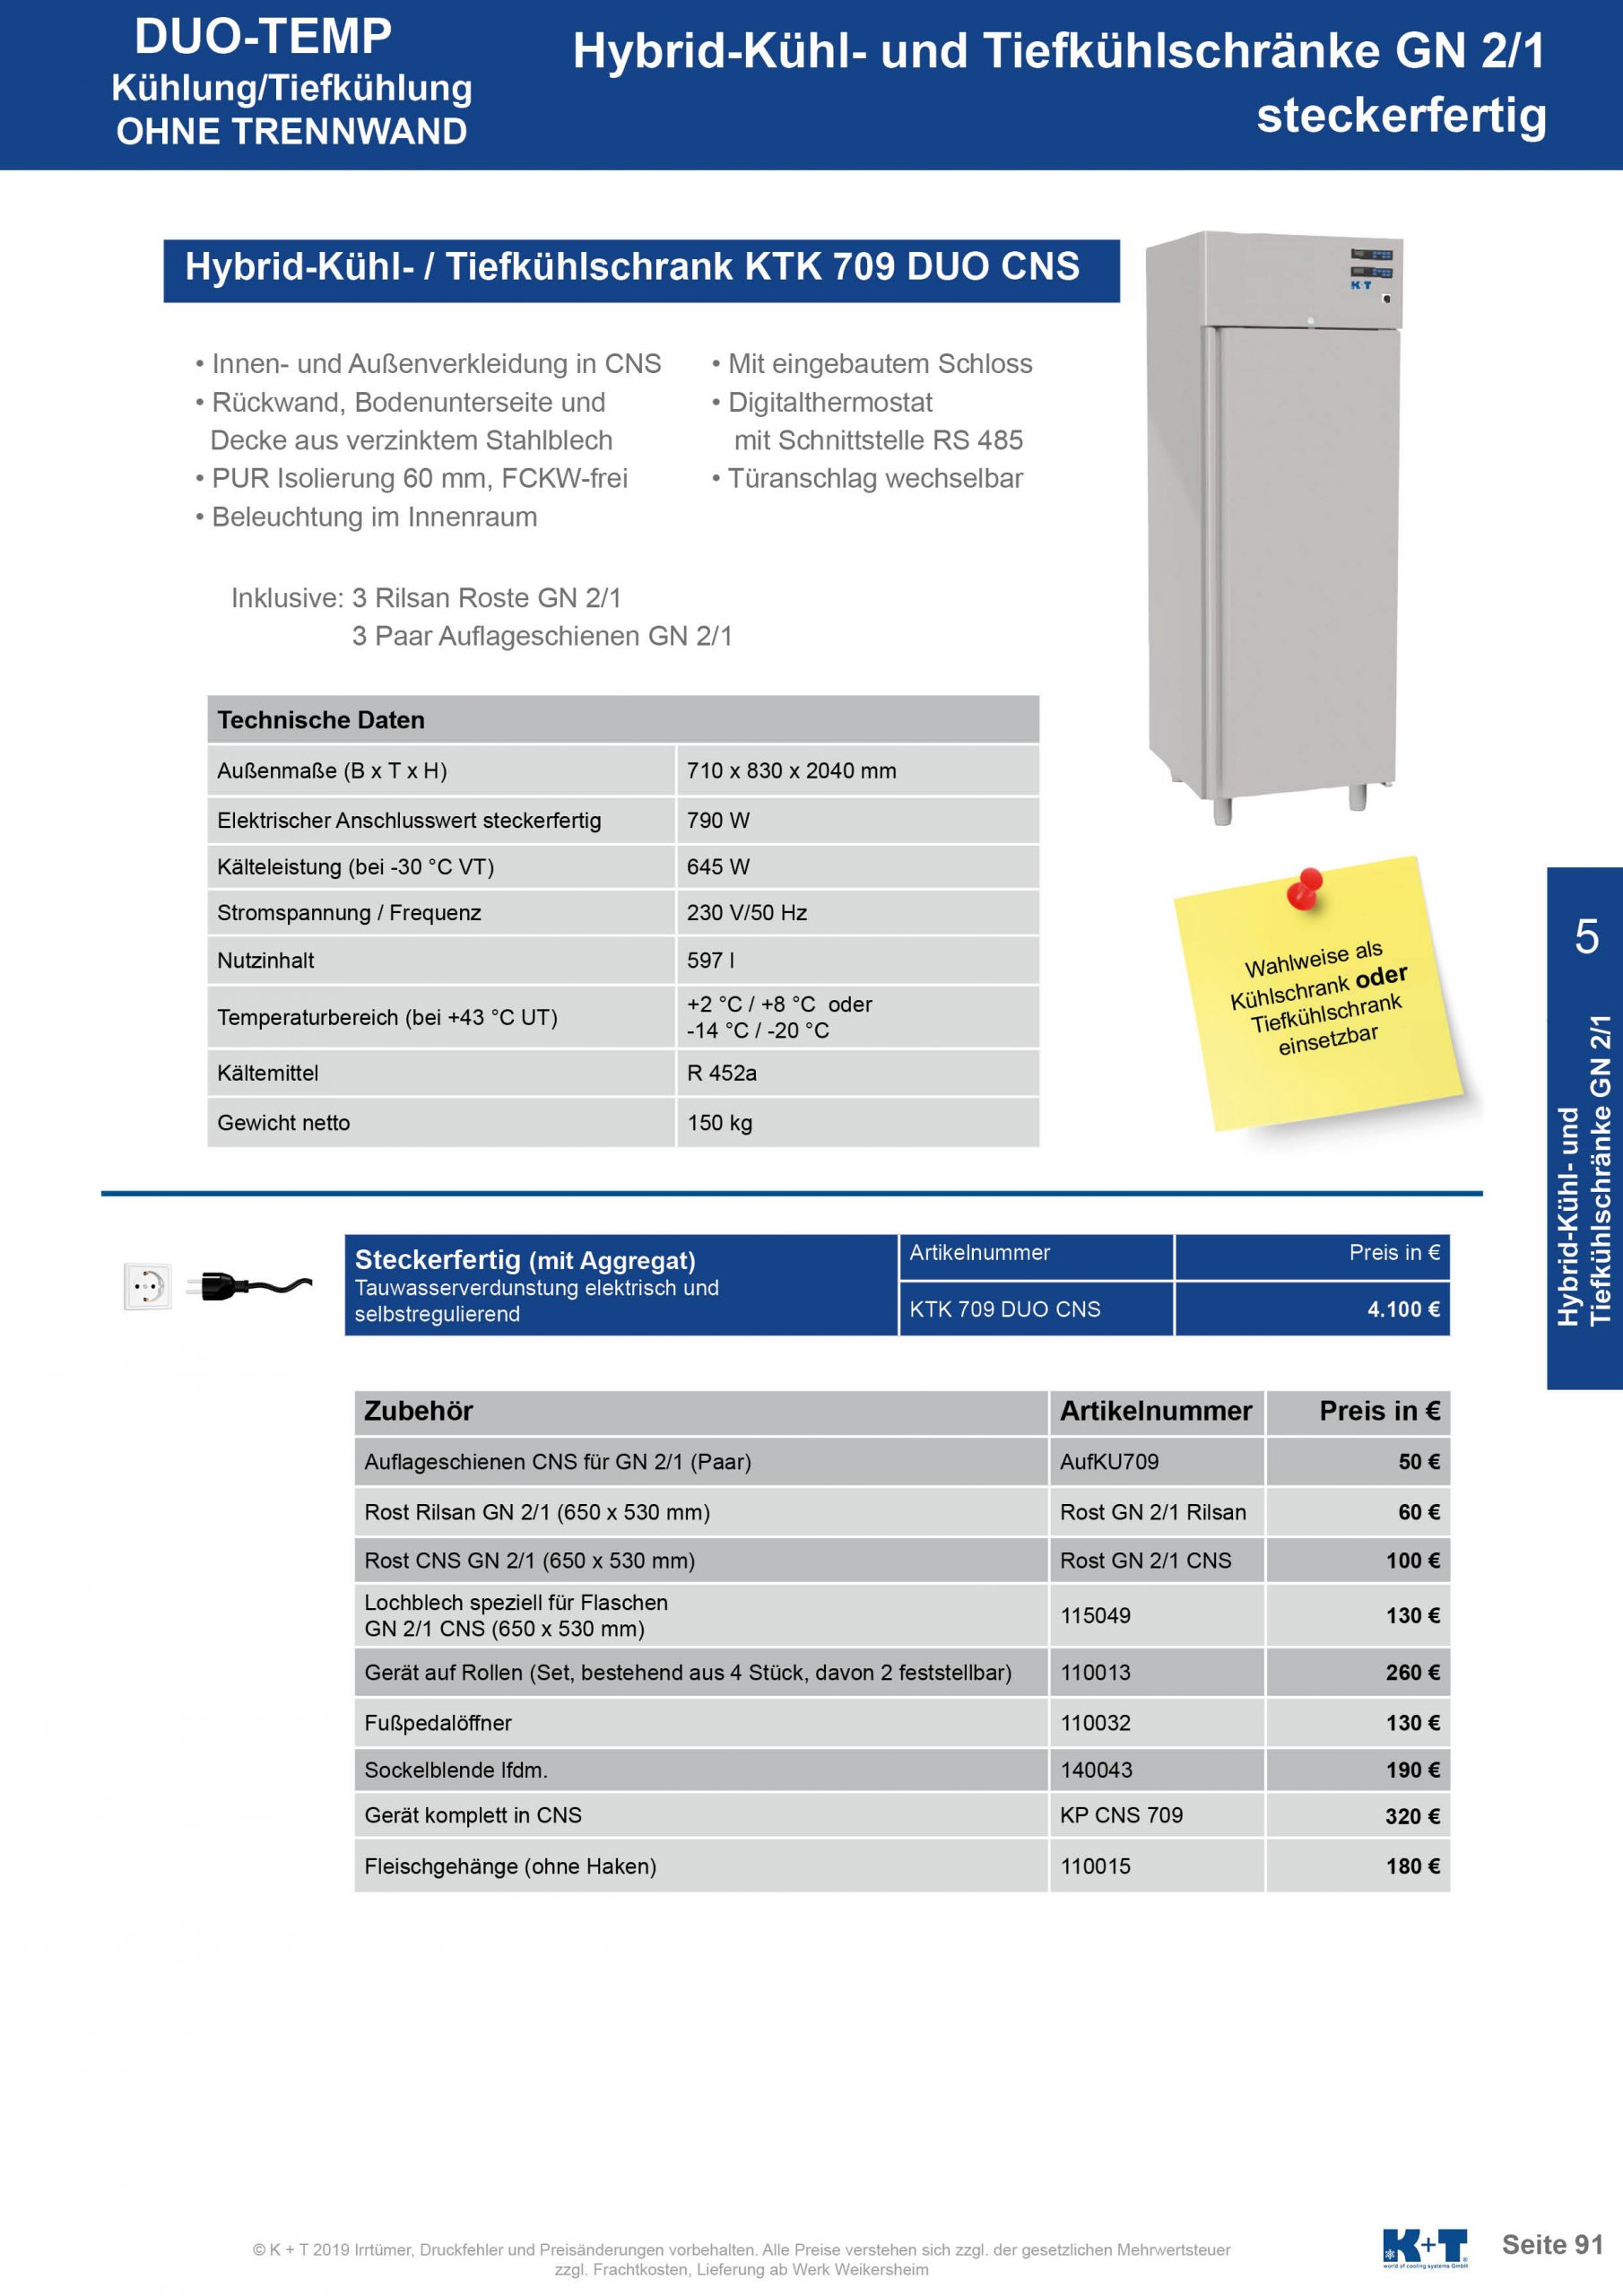 Kühl- Tiefkühlschränke für spezielle Anforderungen Umschaltbarer Kühl- Tiefkühlschrank GN 2_1